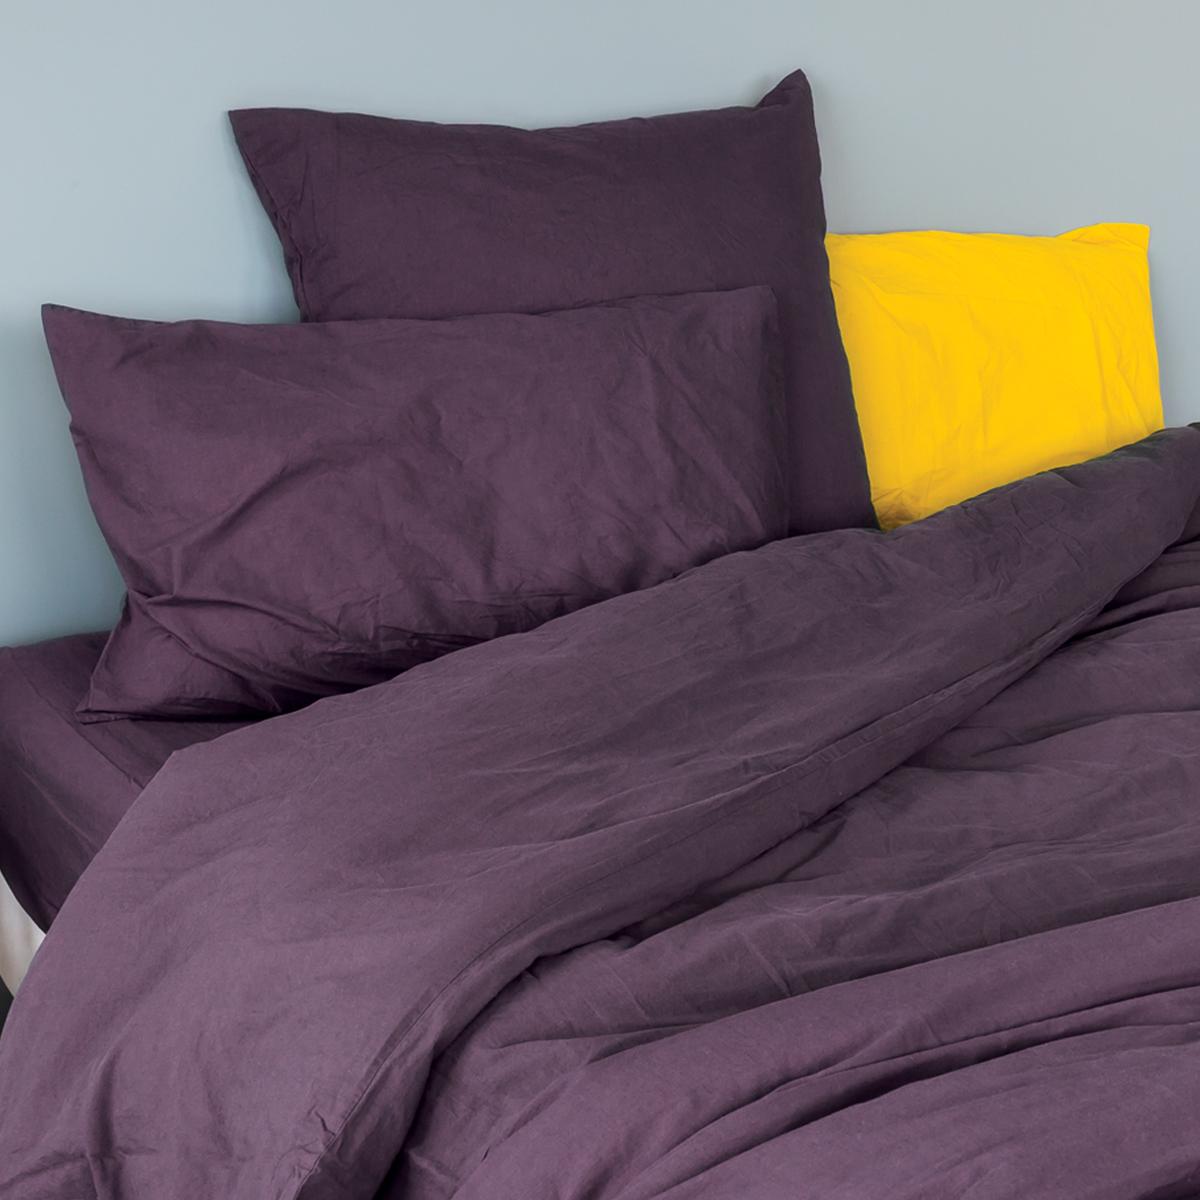 Taie d'oreiller en coton lavé coton figue 70x50